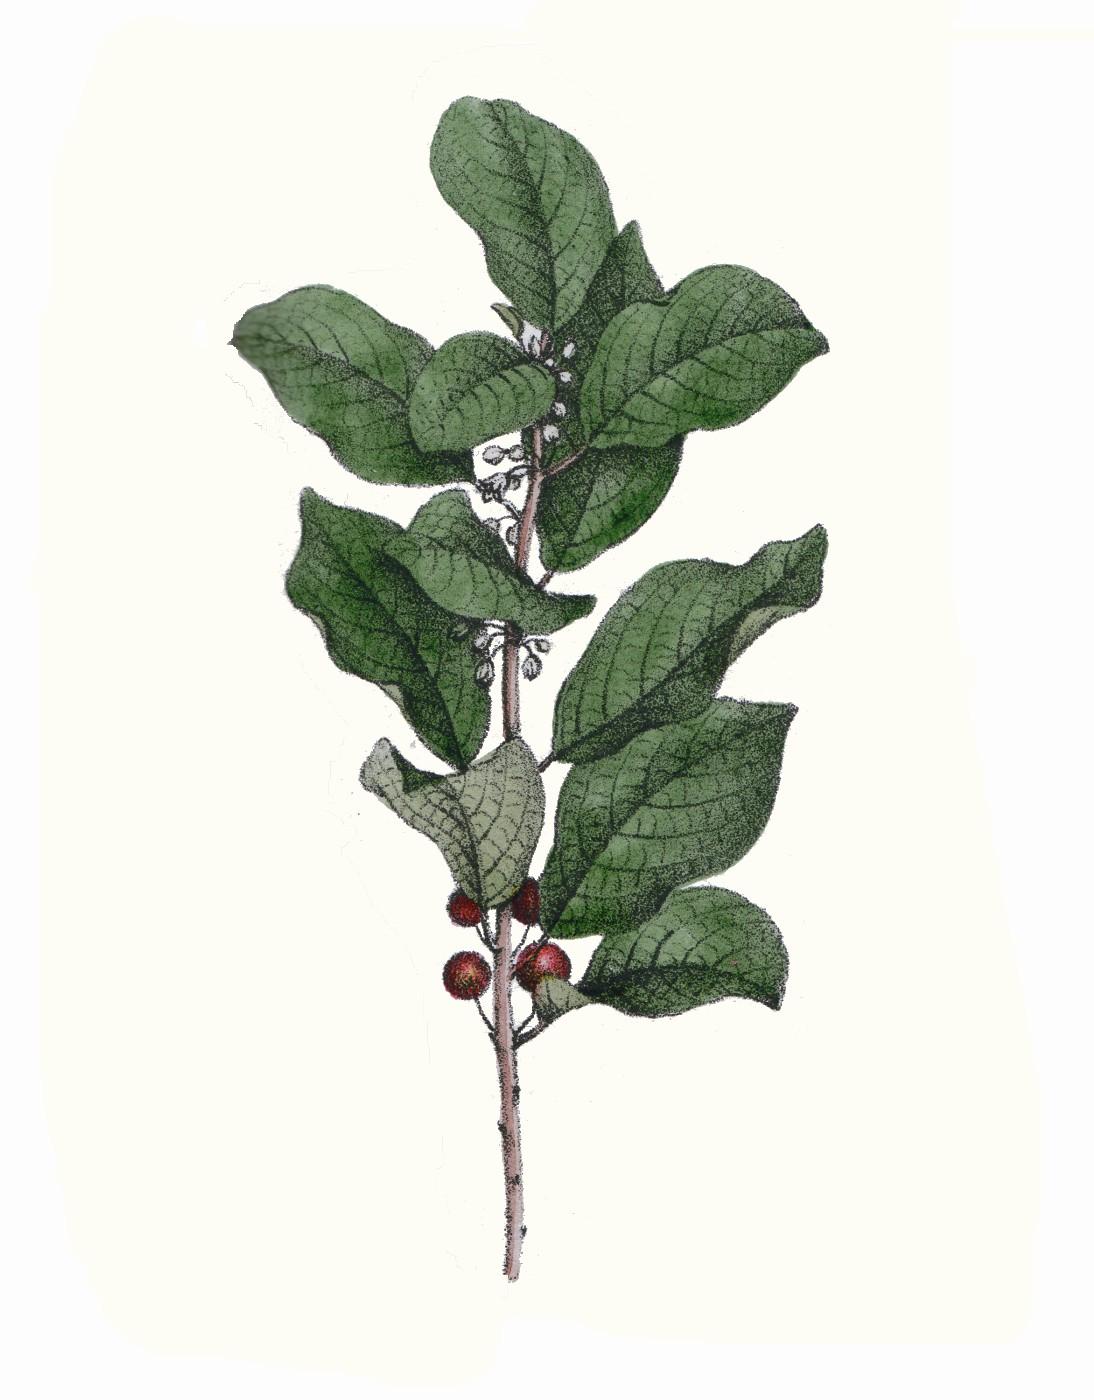 File:Rhamnus frangula L ag1.jpg.